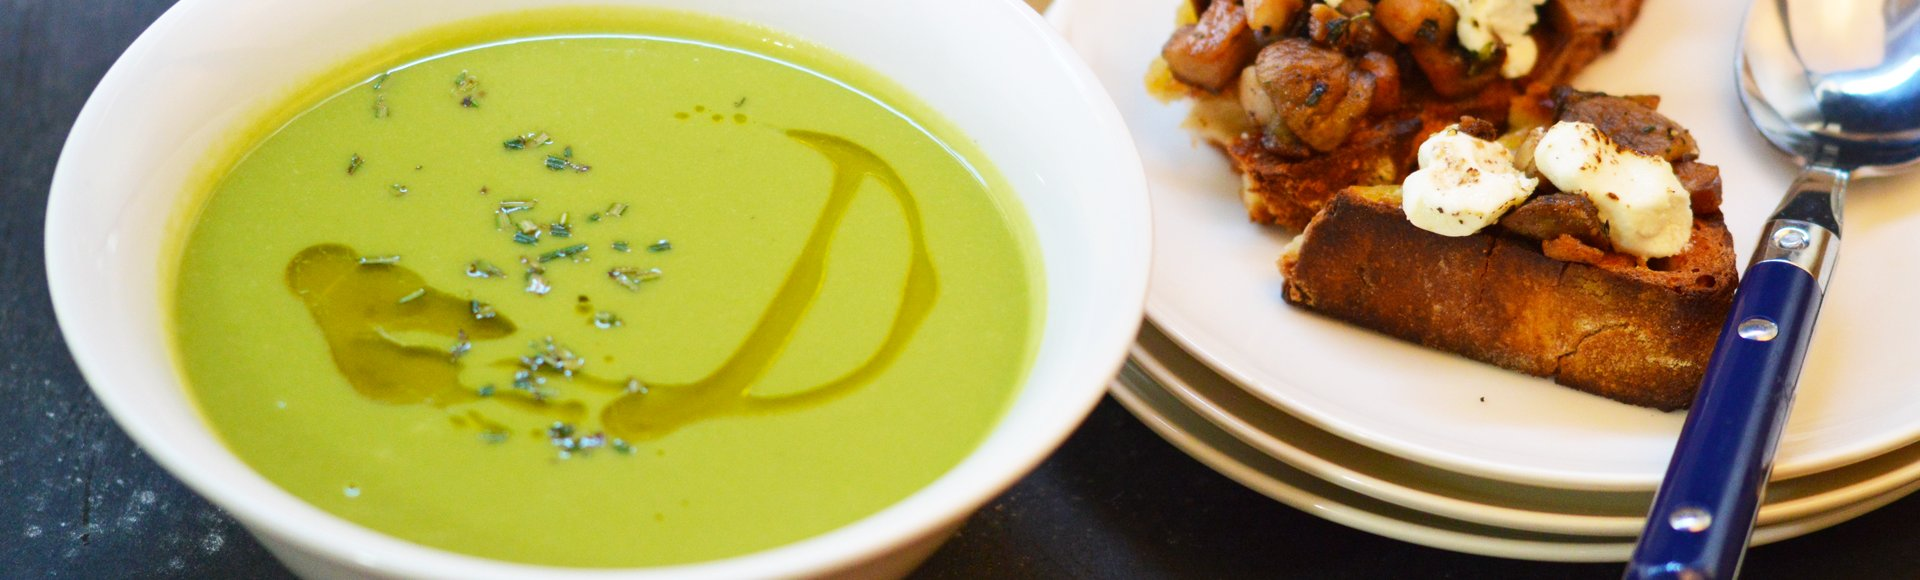 Σούπα από αρακά